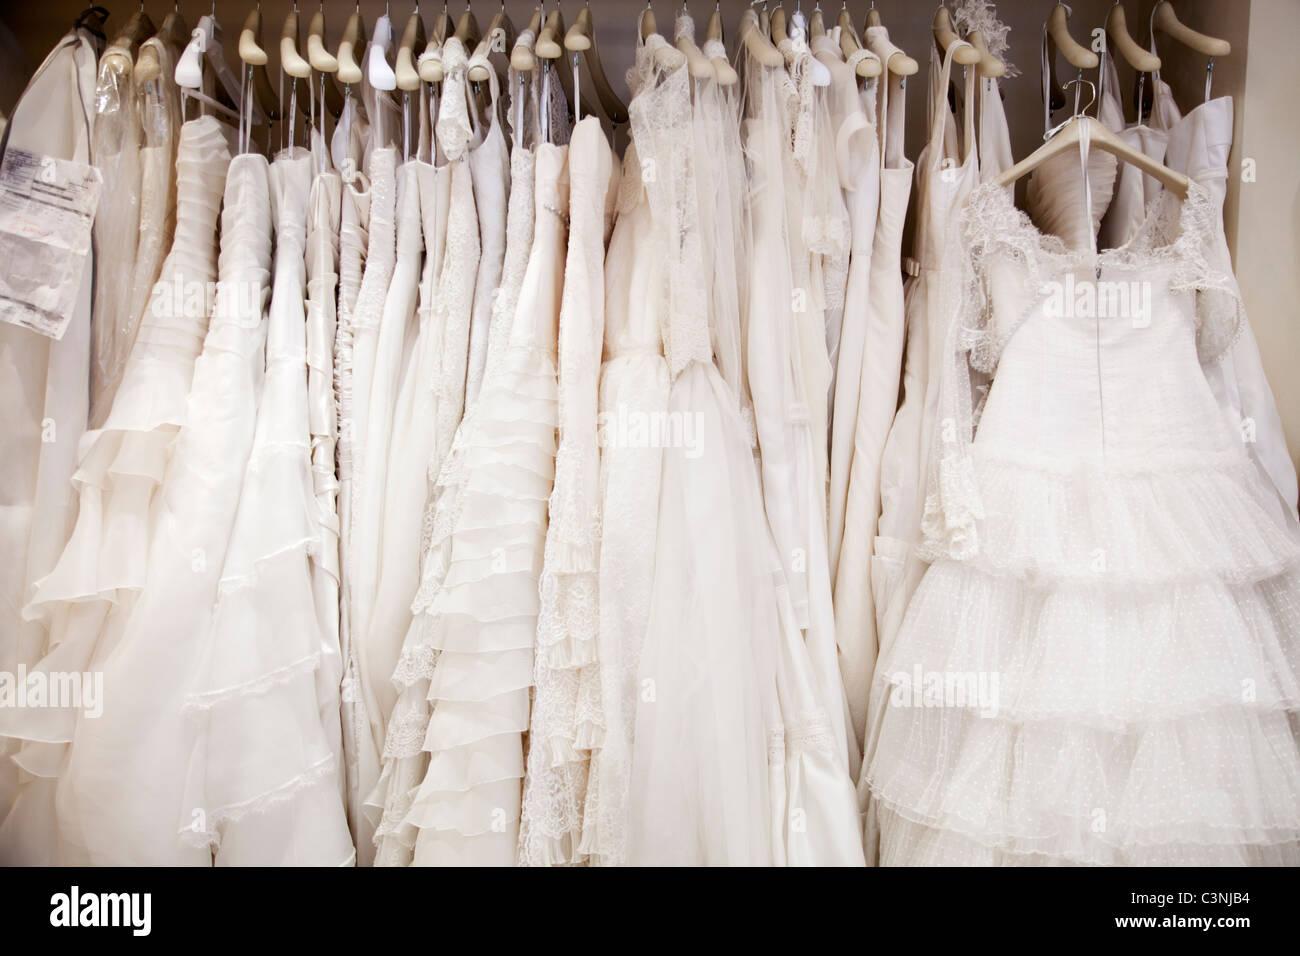 Großzügig Mutter Der Braut Kleider In Nj Galerie - Brautkleider ...